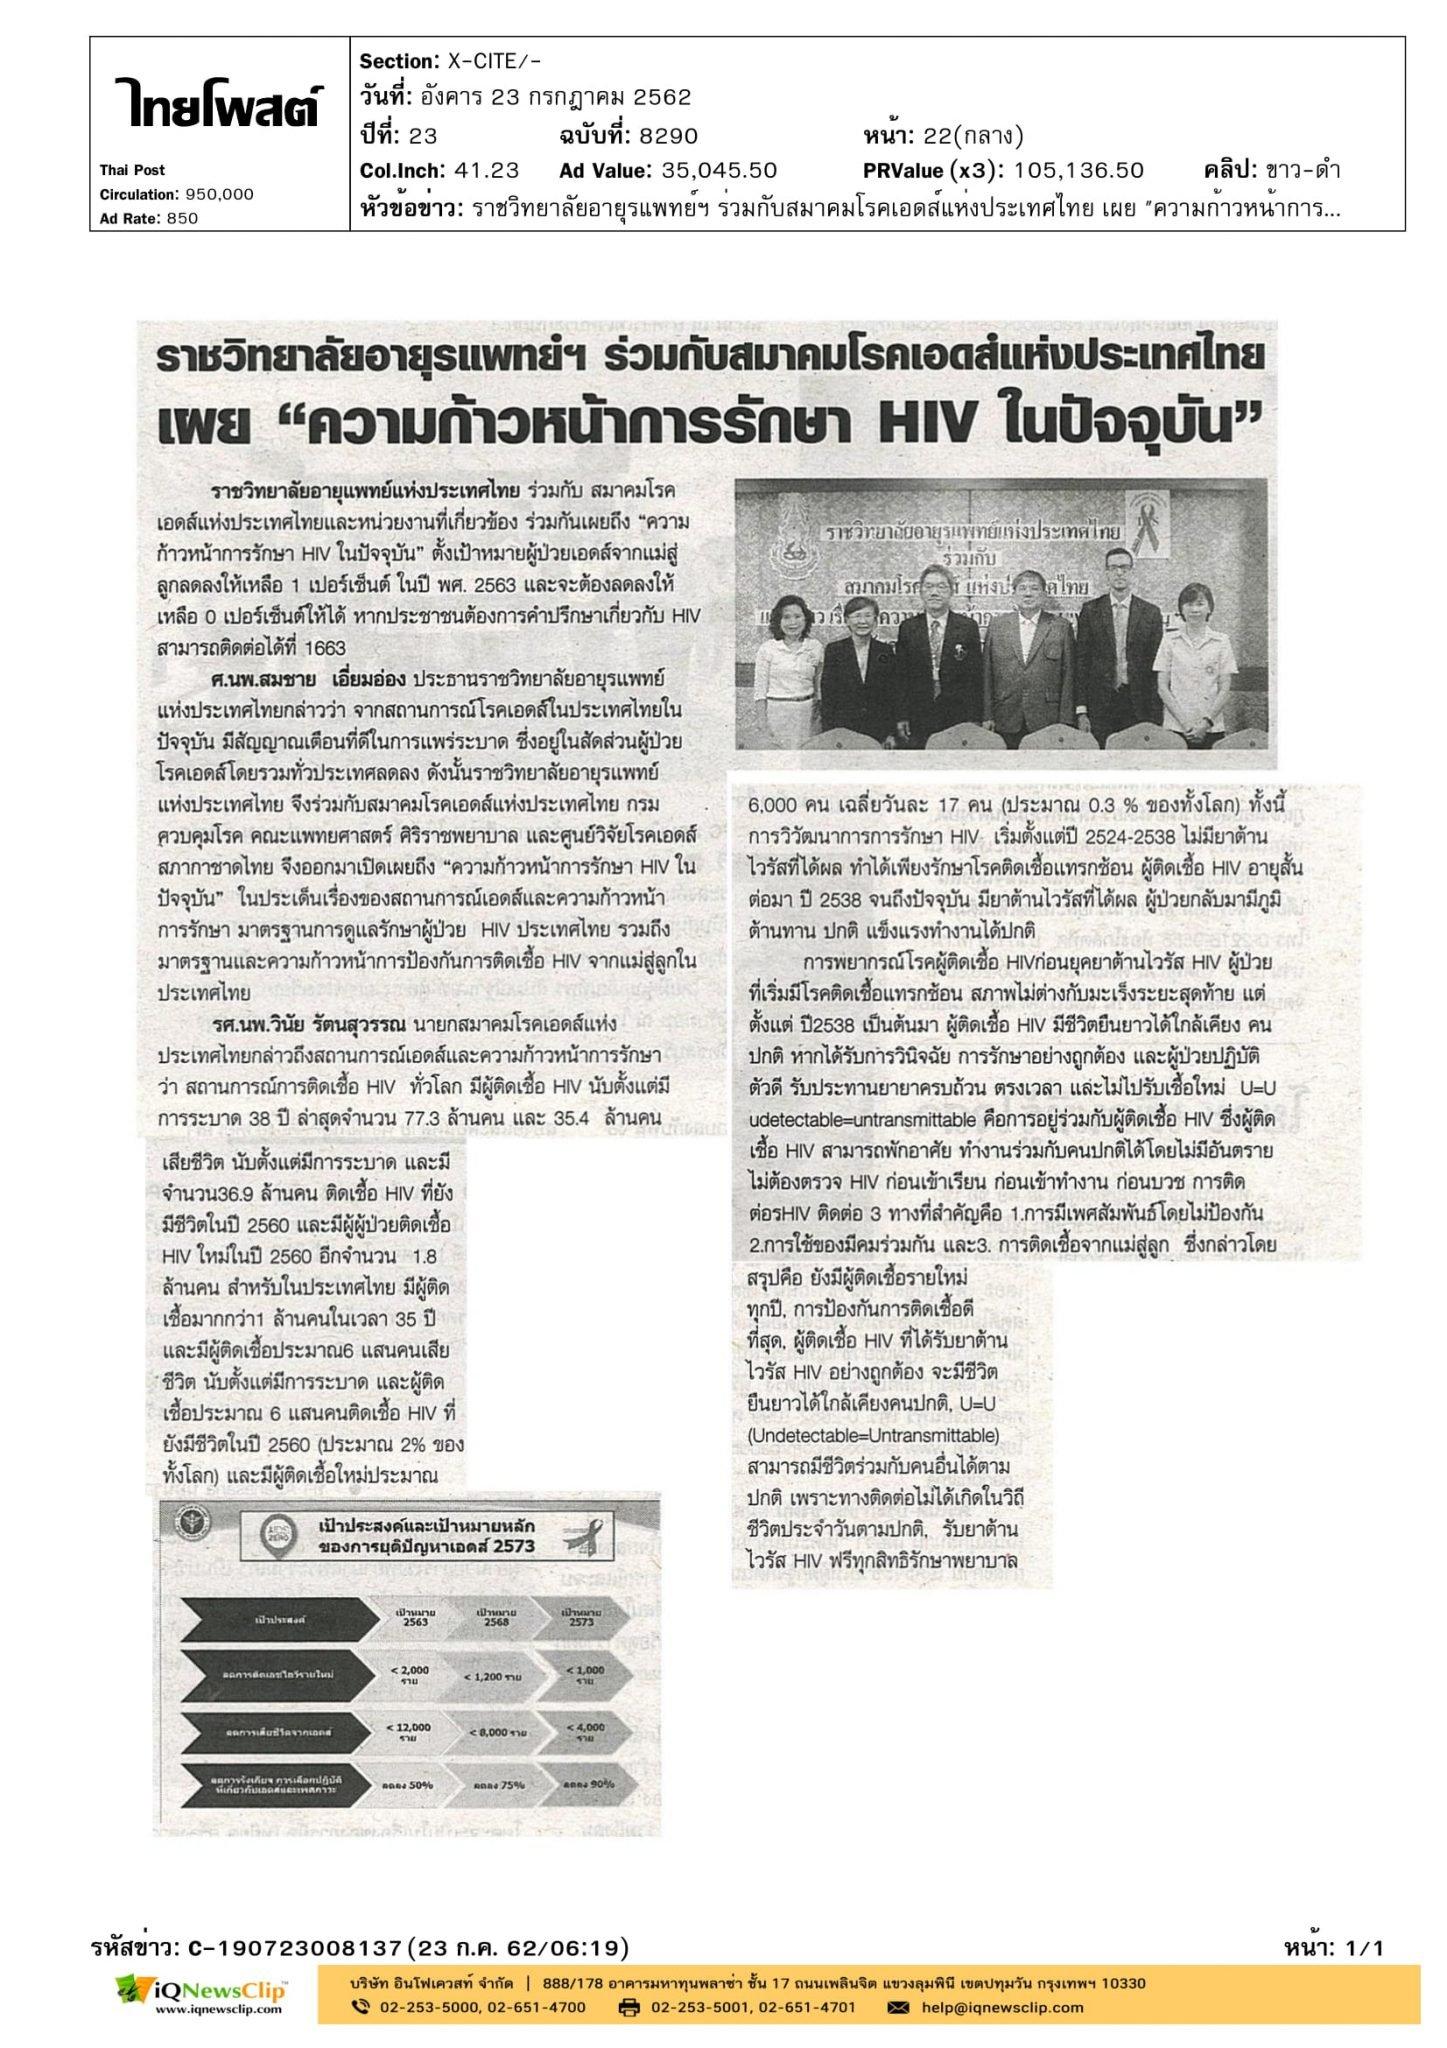 ความก้าวหน้าการรักษา HIV ในปัจจุบัน